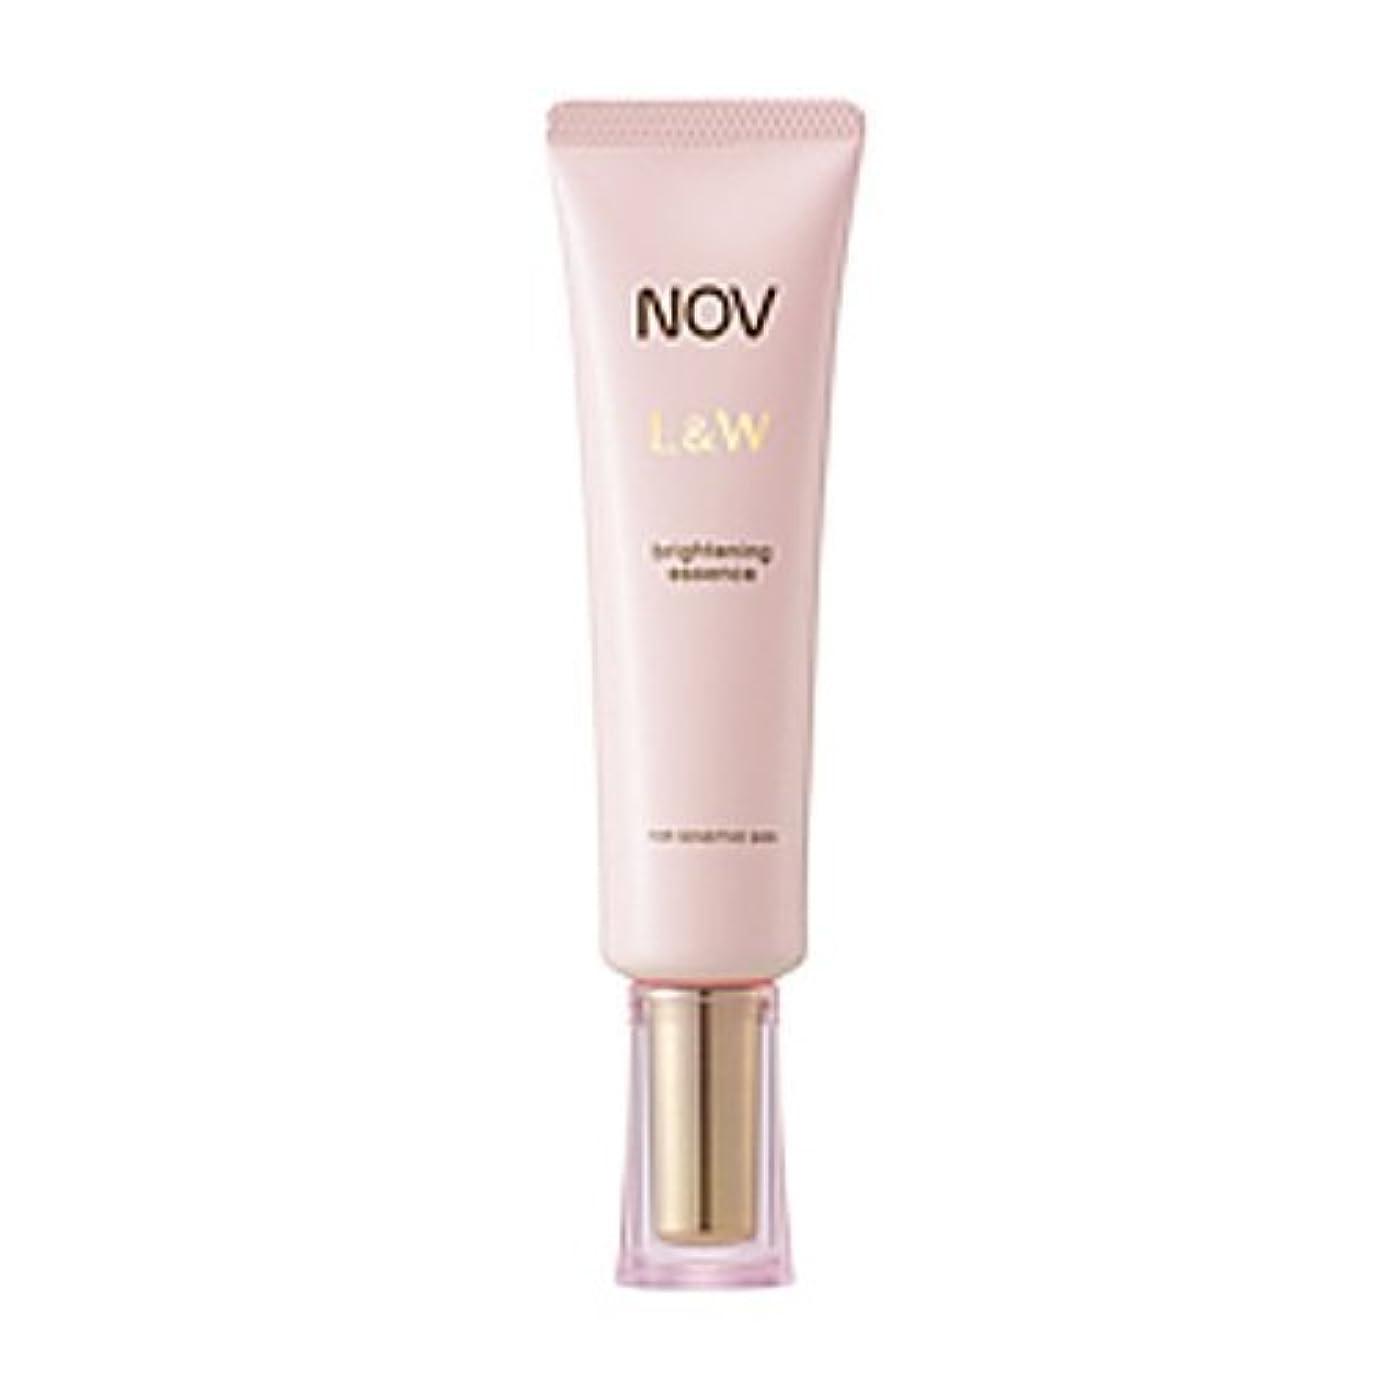 法律によりもちろん親密なNOV L&W  ブライトニングエッセンス(医薬部外品)<30g>